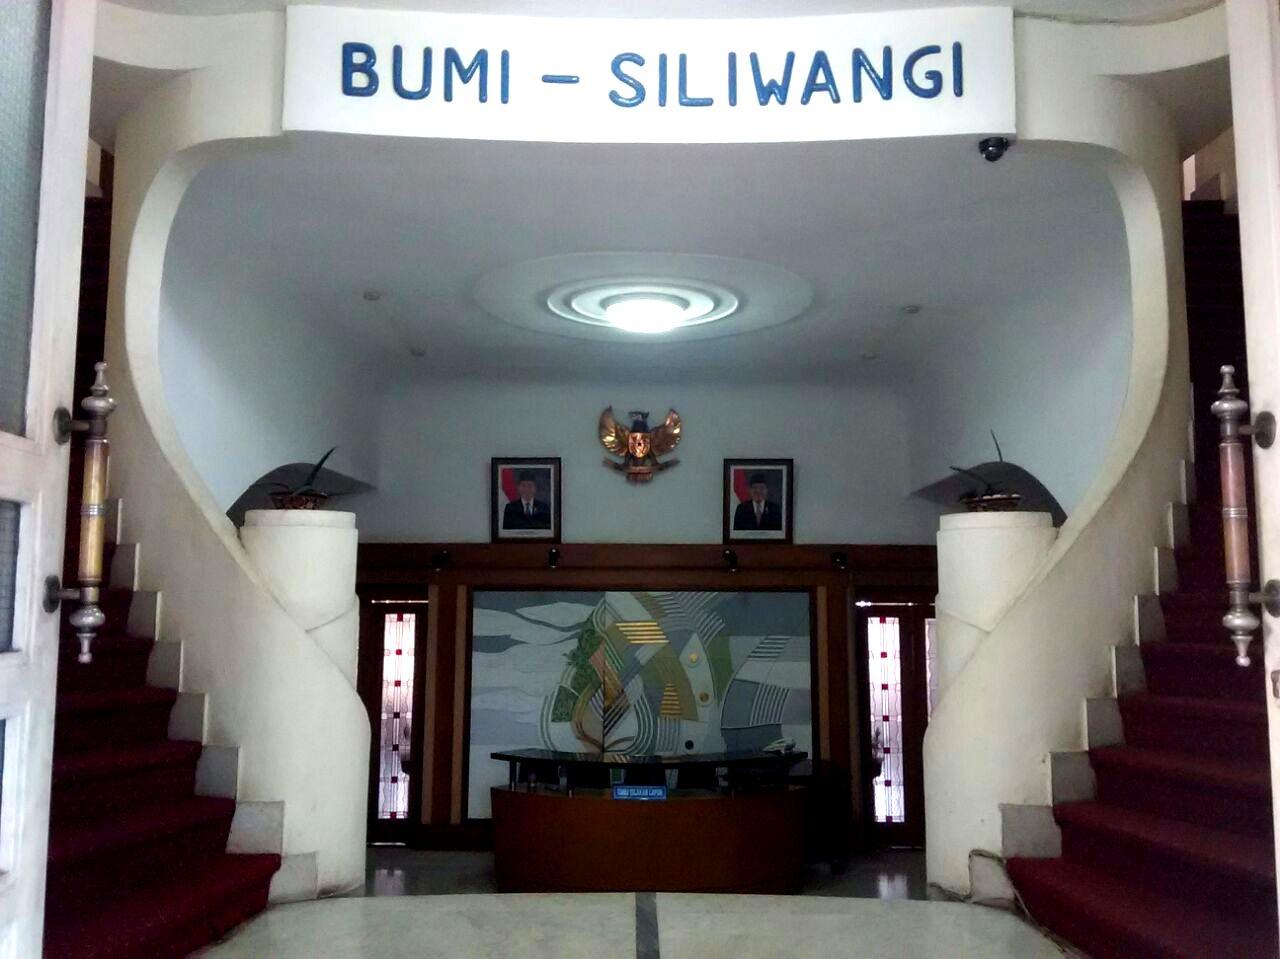 https://4.bp.blogspot.com/-zn_JH1VEGBs/V0wtEEEJC-I/AAAAAAAABV0/9MDBn5WeW8kLCV6h1lRcjmGel_FNZUNbACLcB/s1600/IndonesiaSand-Isola6.jpg